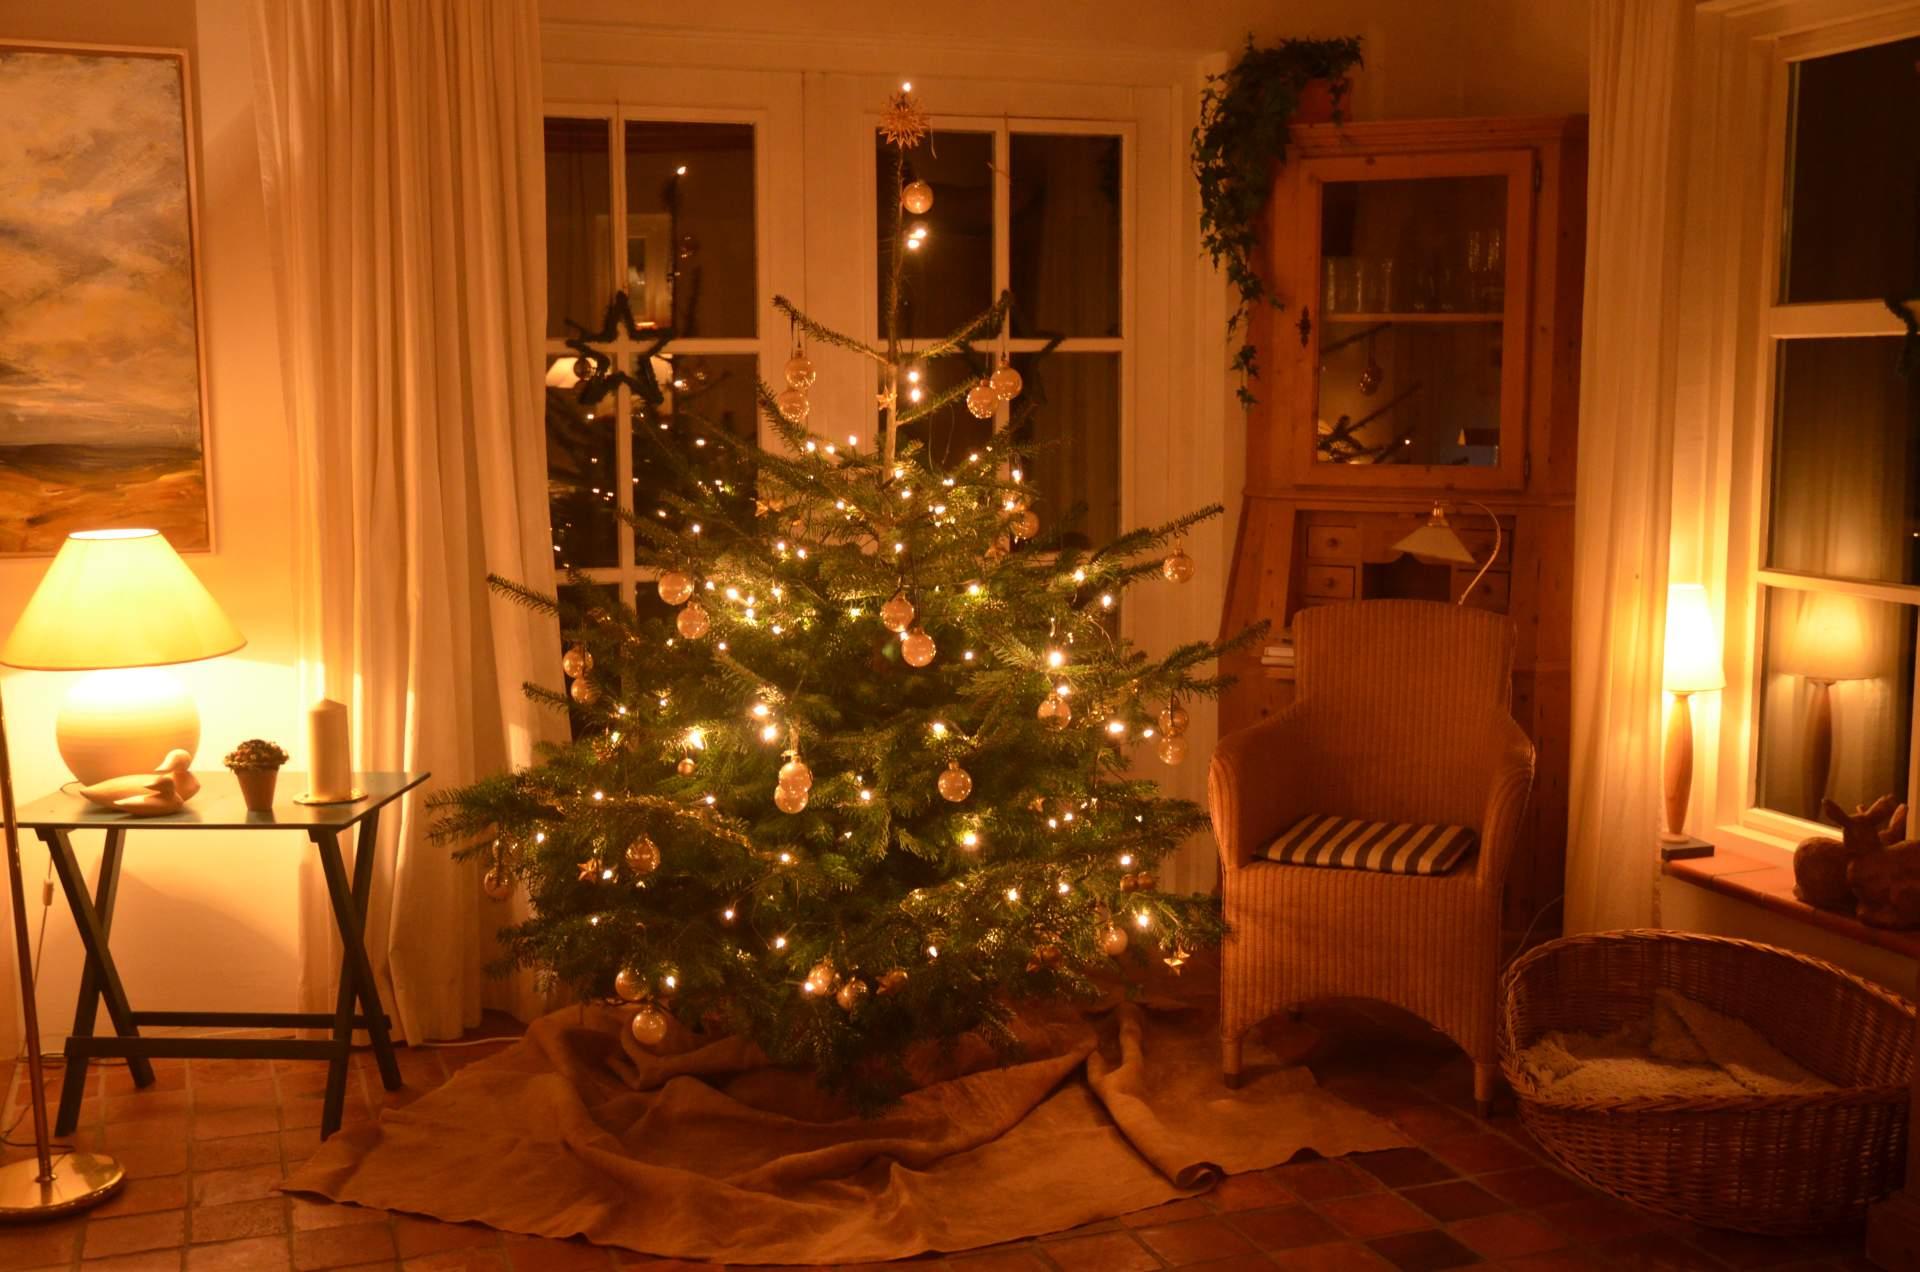 Weihnachtsbaum Im Wohnzimmer Home Image Ideen